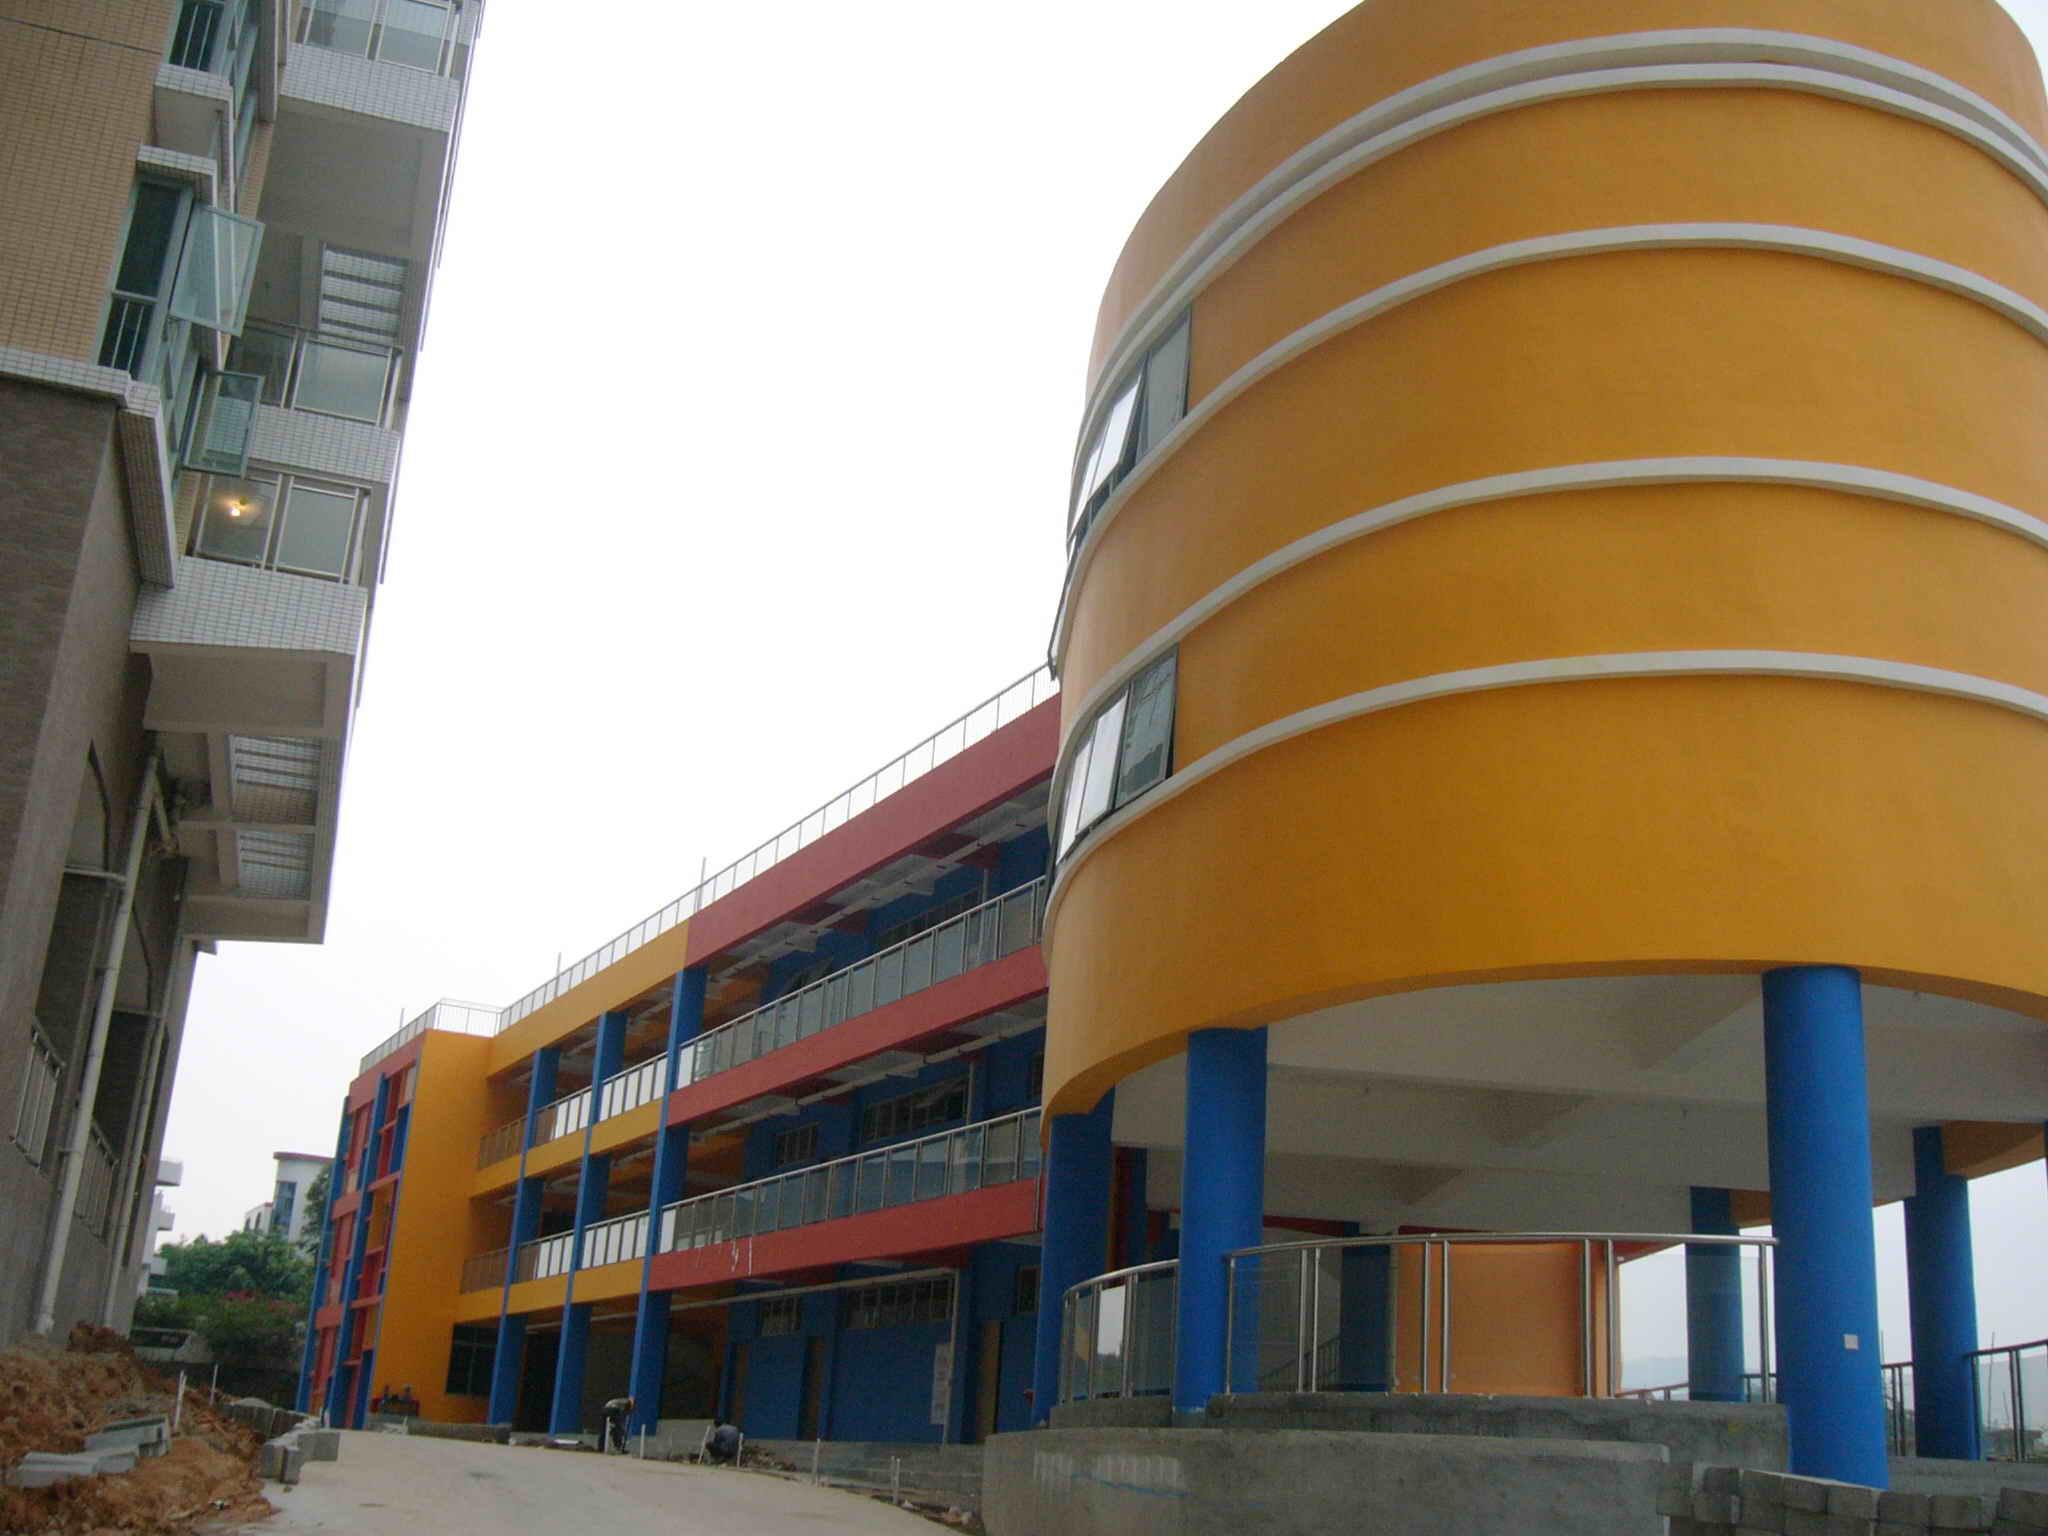 幼儿园,外形像蛋糕的建筑圆柱